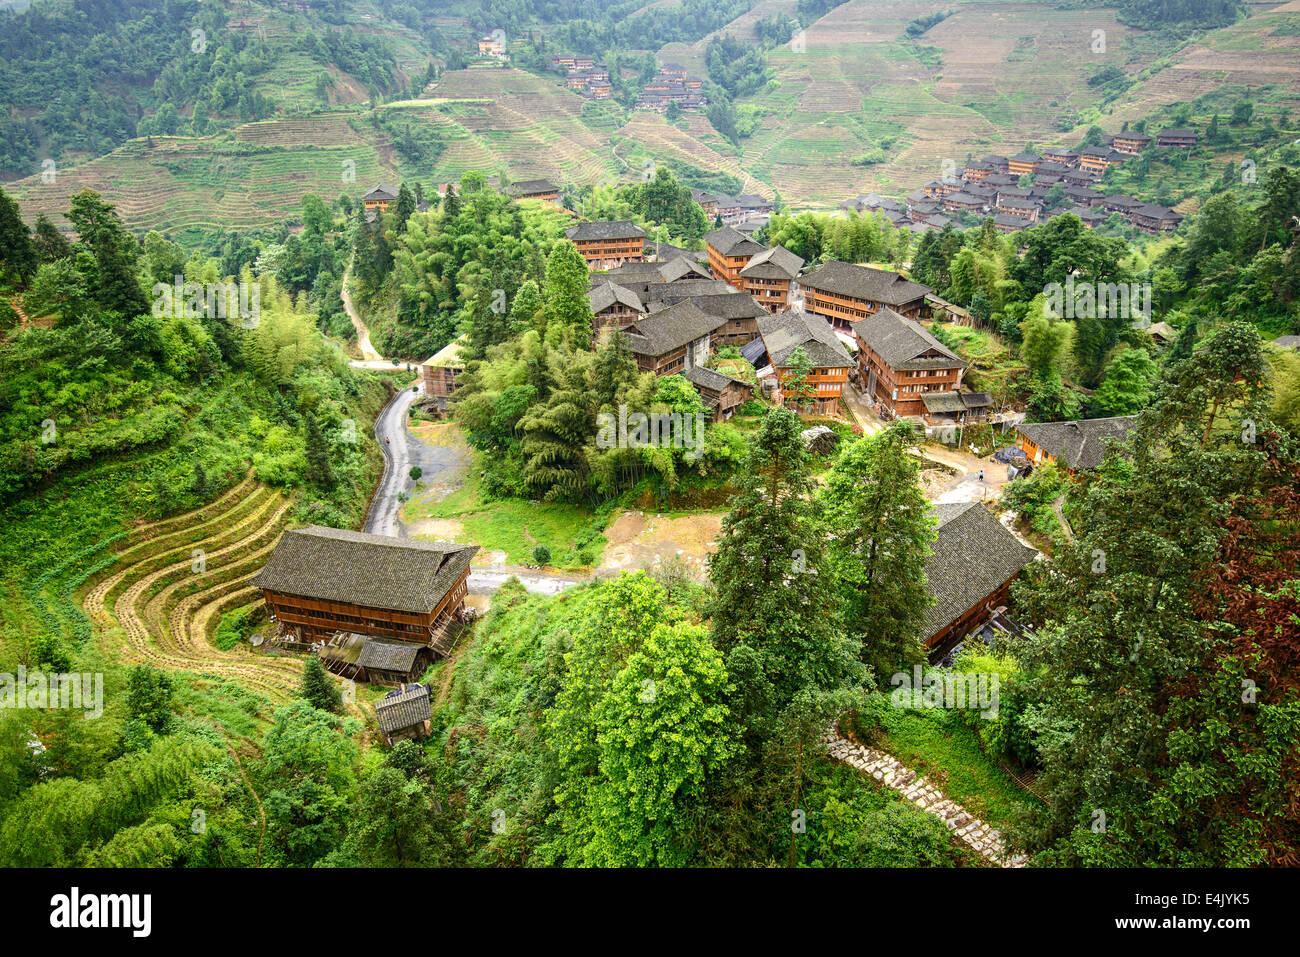 Villaggio sulla montagna Yaoshan in Guangxi, Cina. Immagini Stock